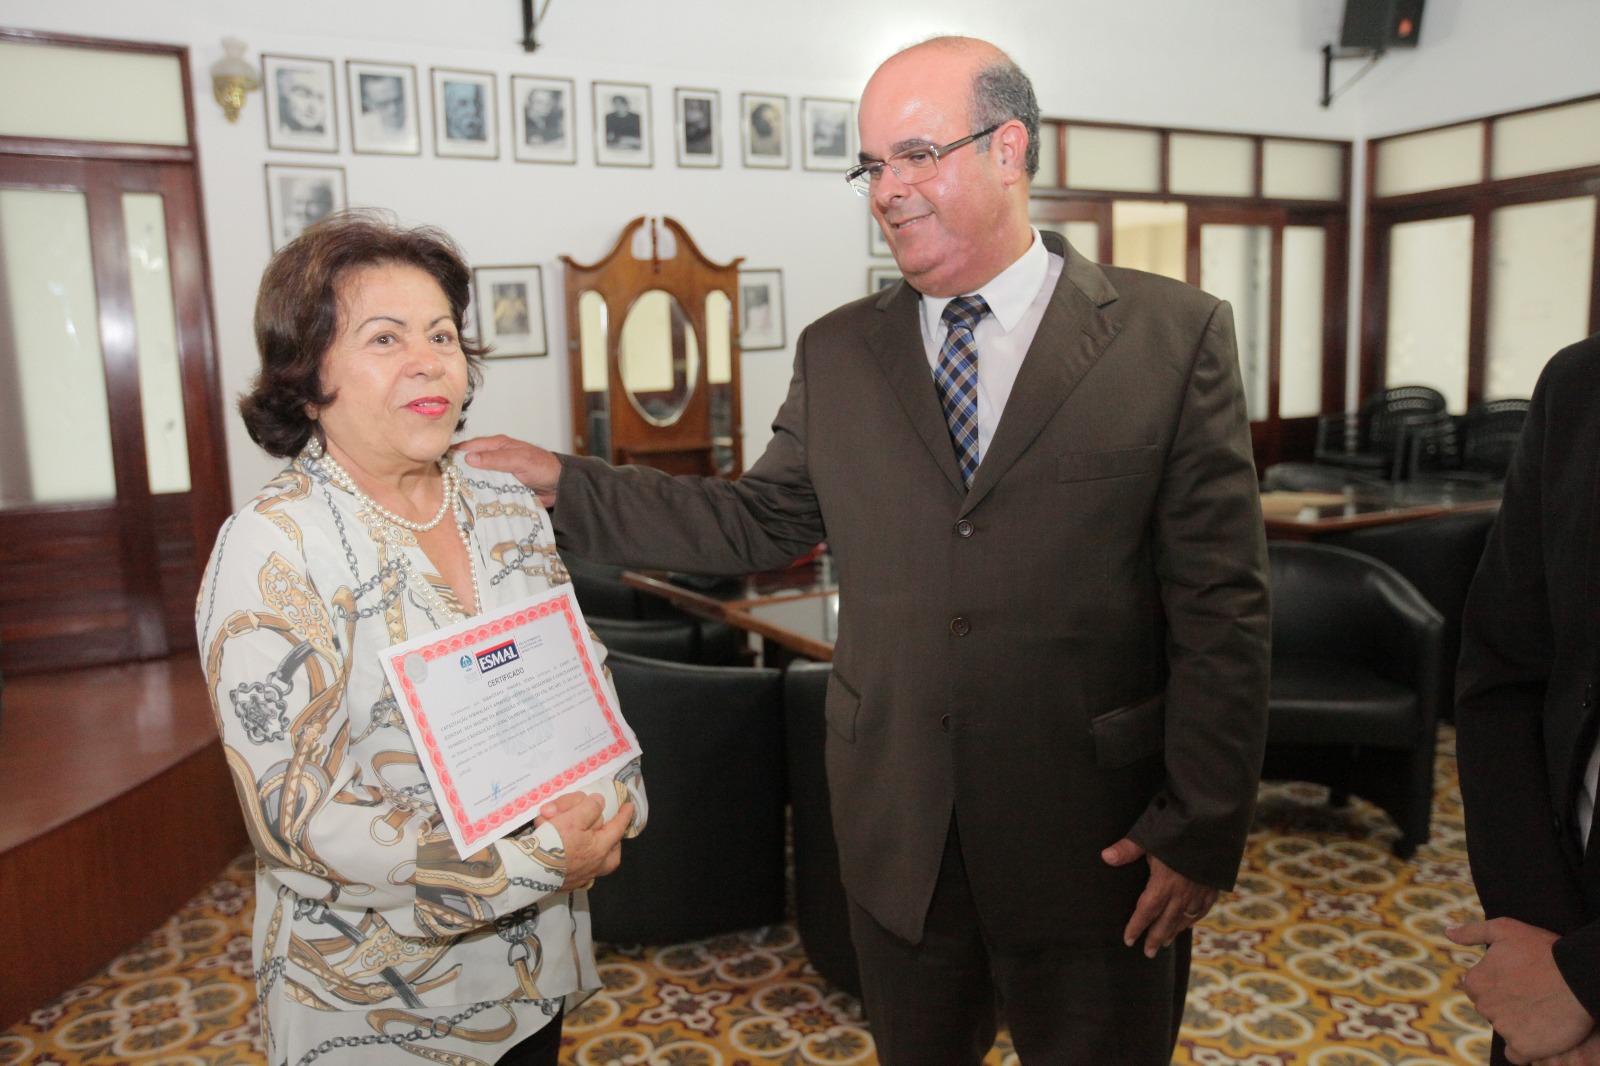 Sebastiana Bartira ficou tão empolgada com o curso que encerrou atividades práticas antes do prazo.